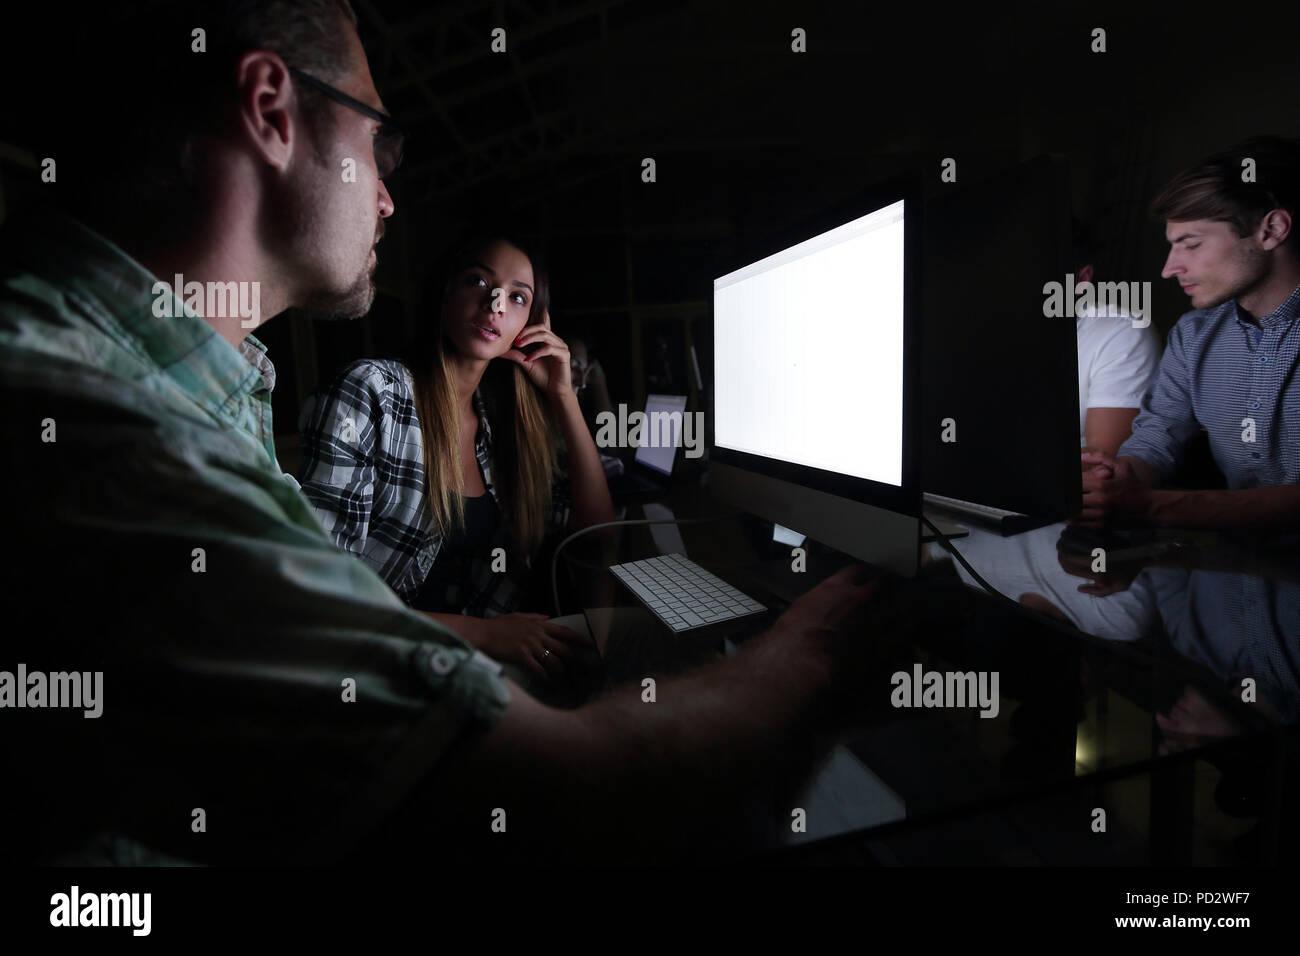 Equipo empresarial utilizando el ordenador para el análisis de datos Imagen De Stock